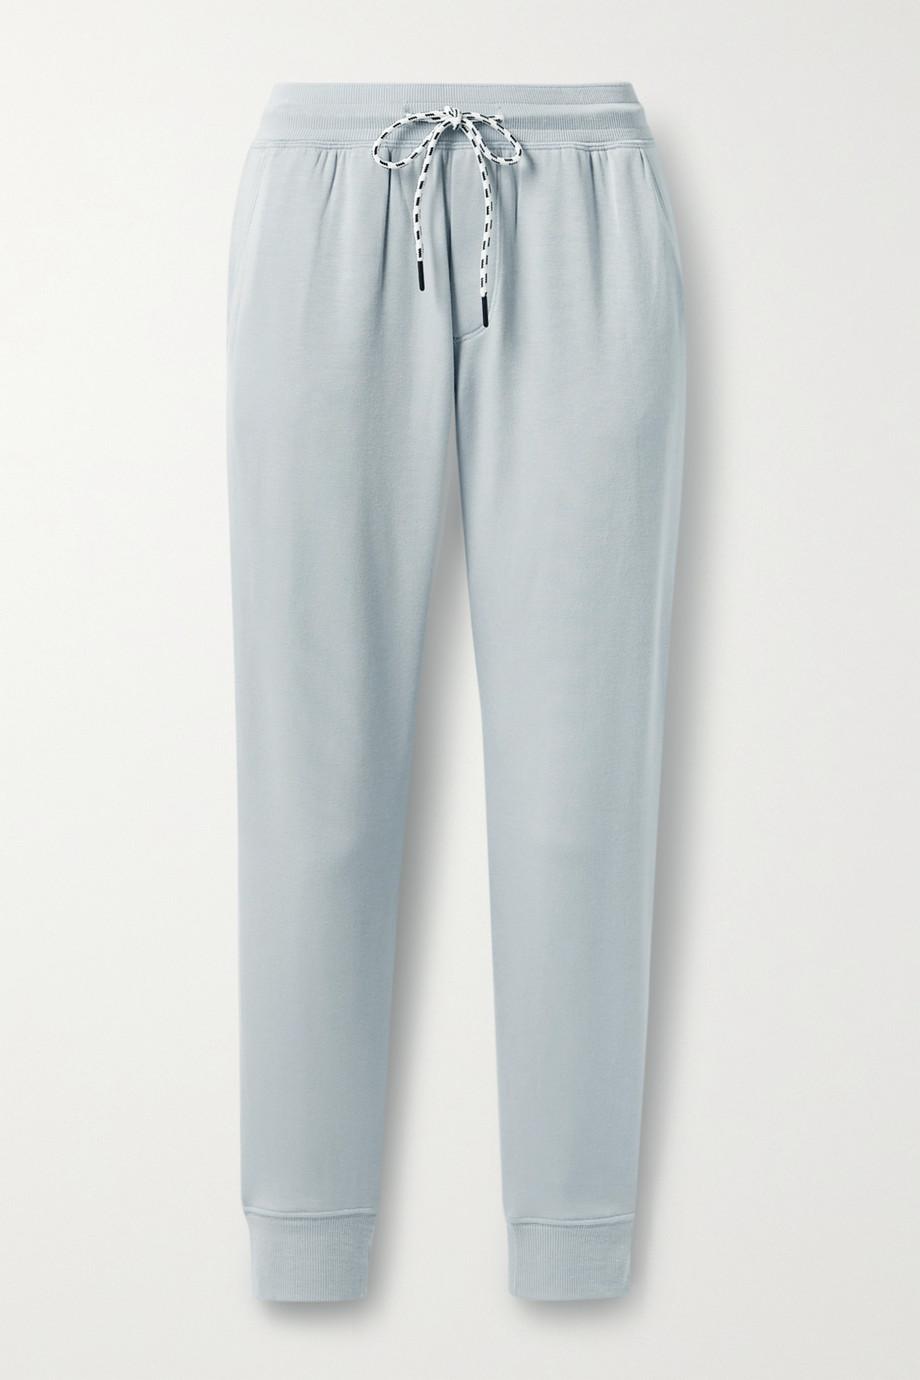 Splits59 Norma stretch-modal jersey track pants